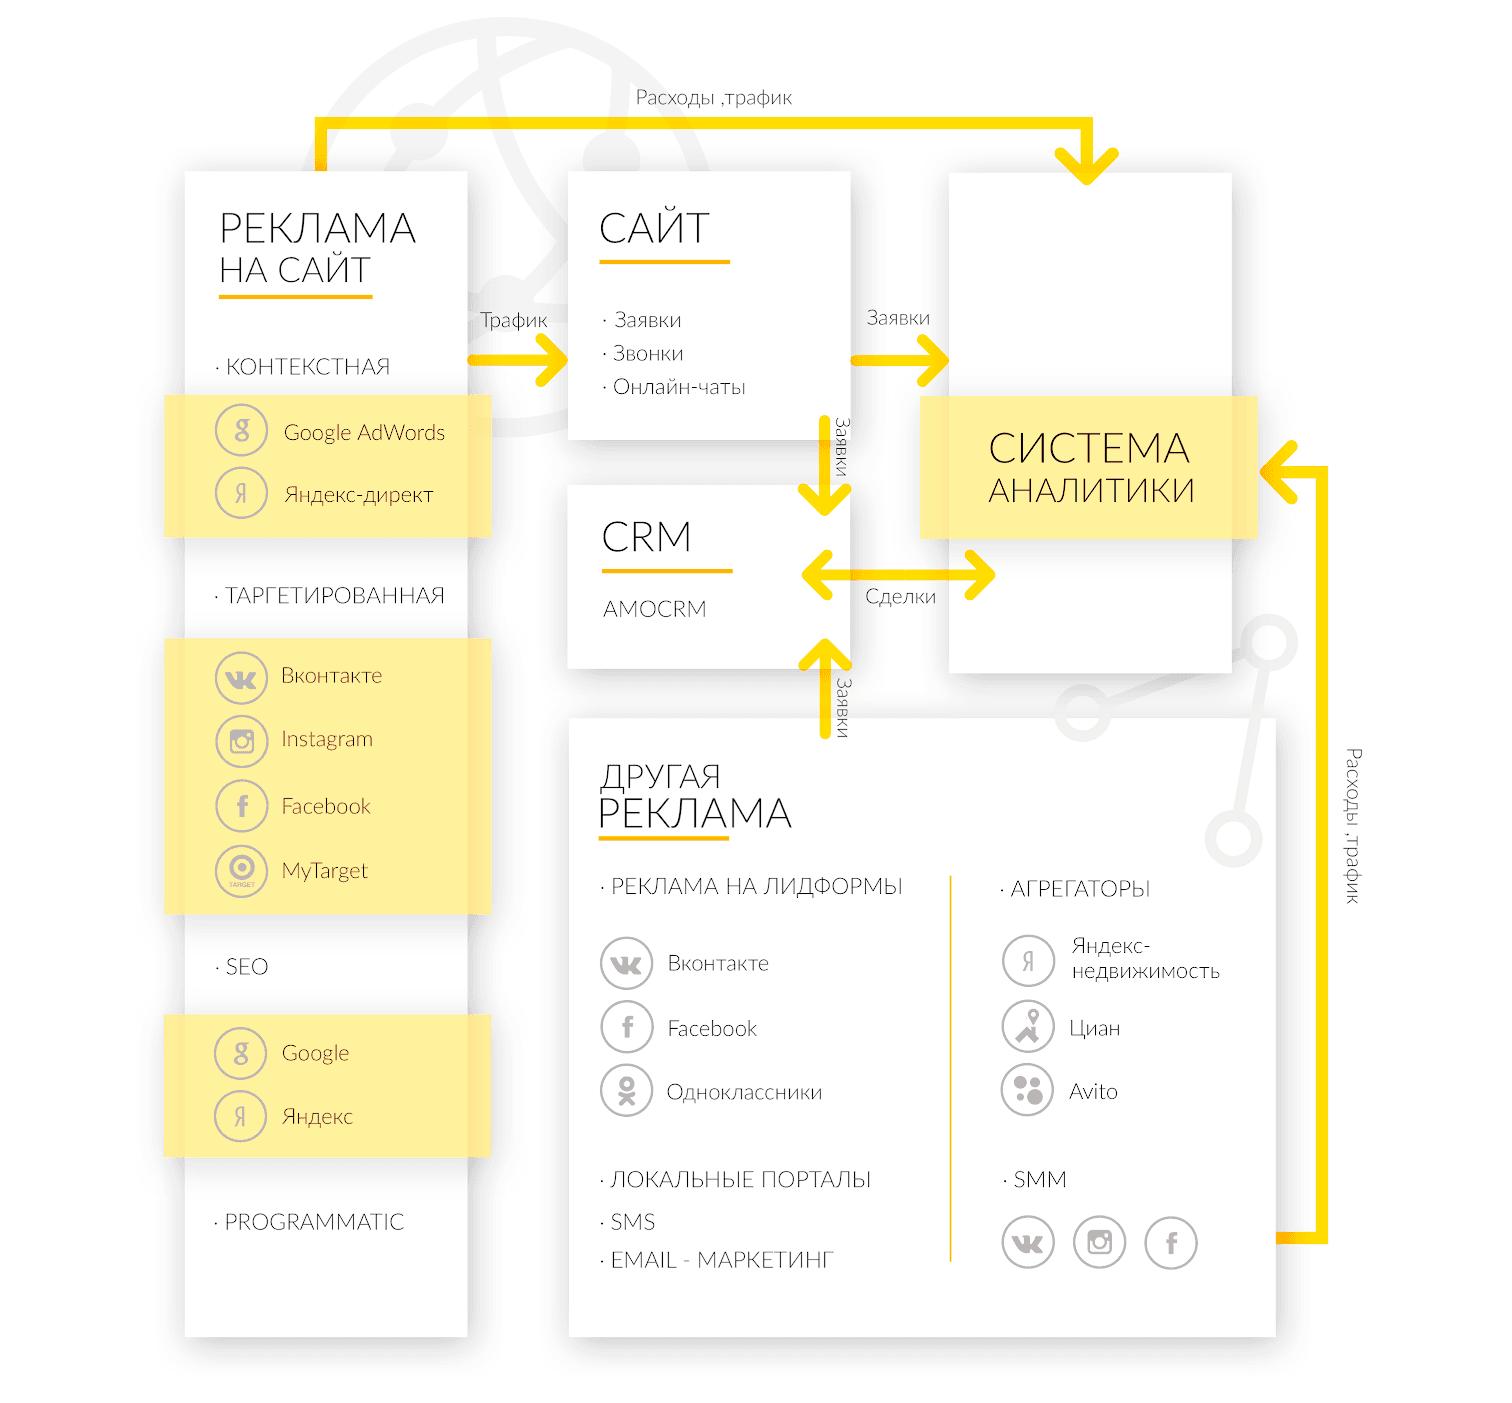 Продвижение сайта коммерческой недвижимости: схема инструментов